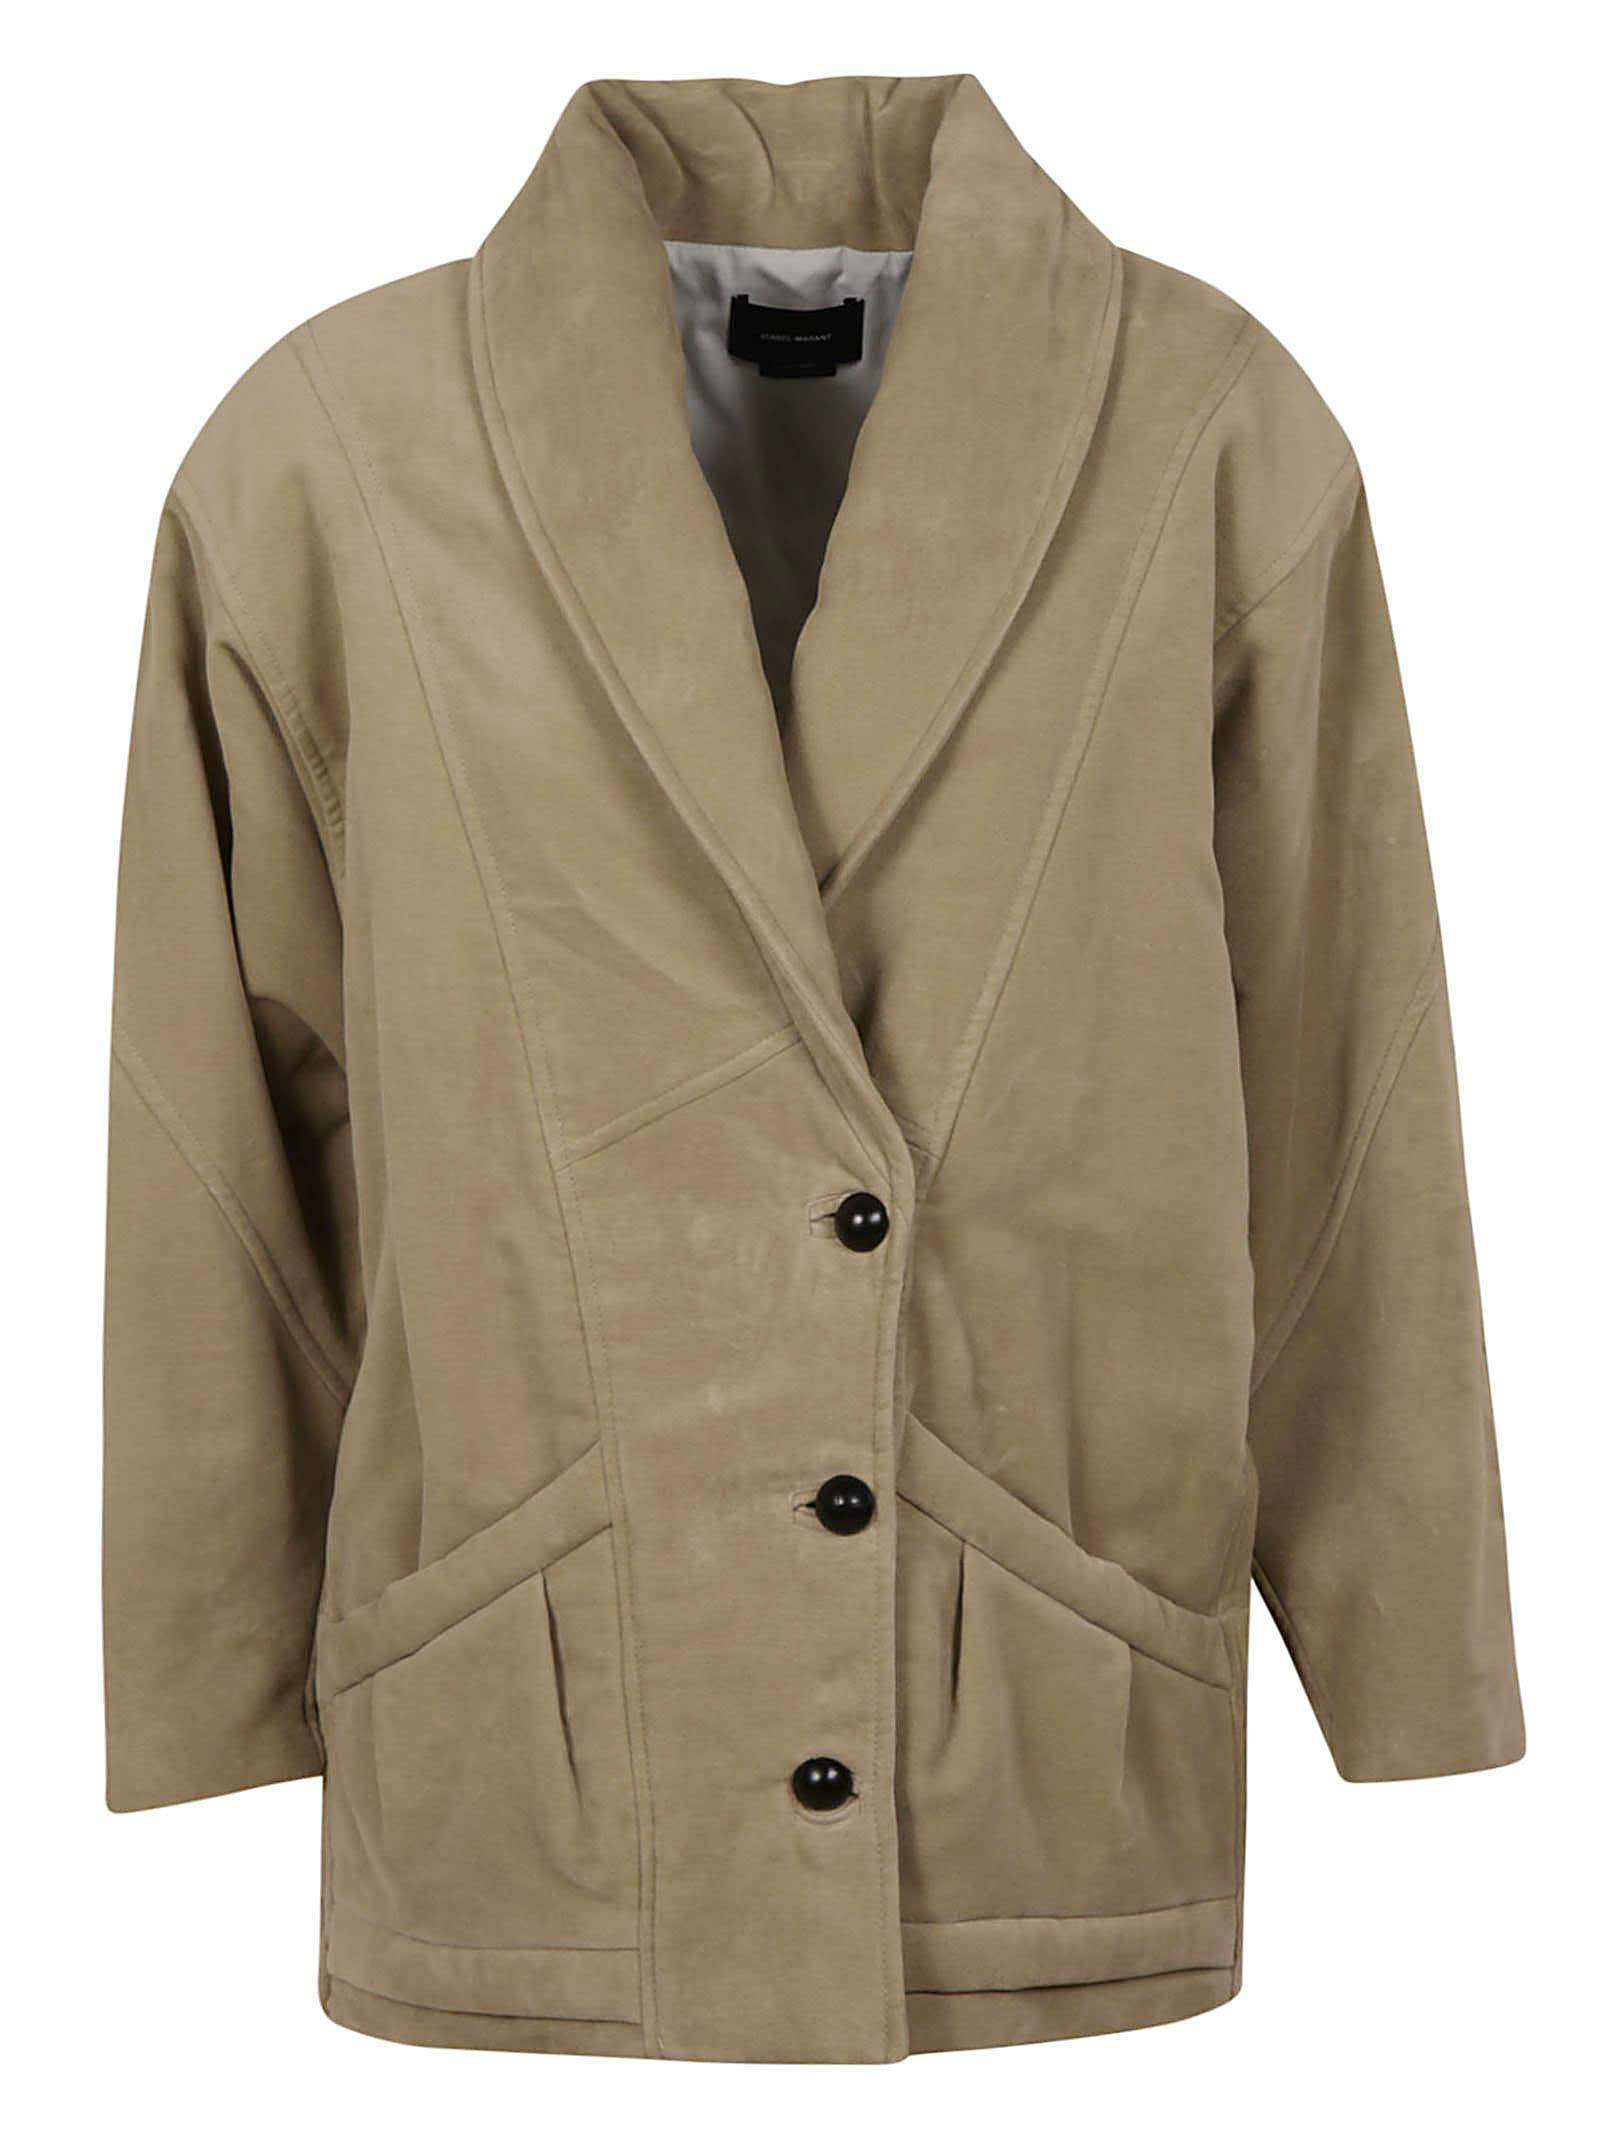 Isabel Marant Oversized Buttoned Jacket